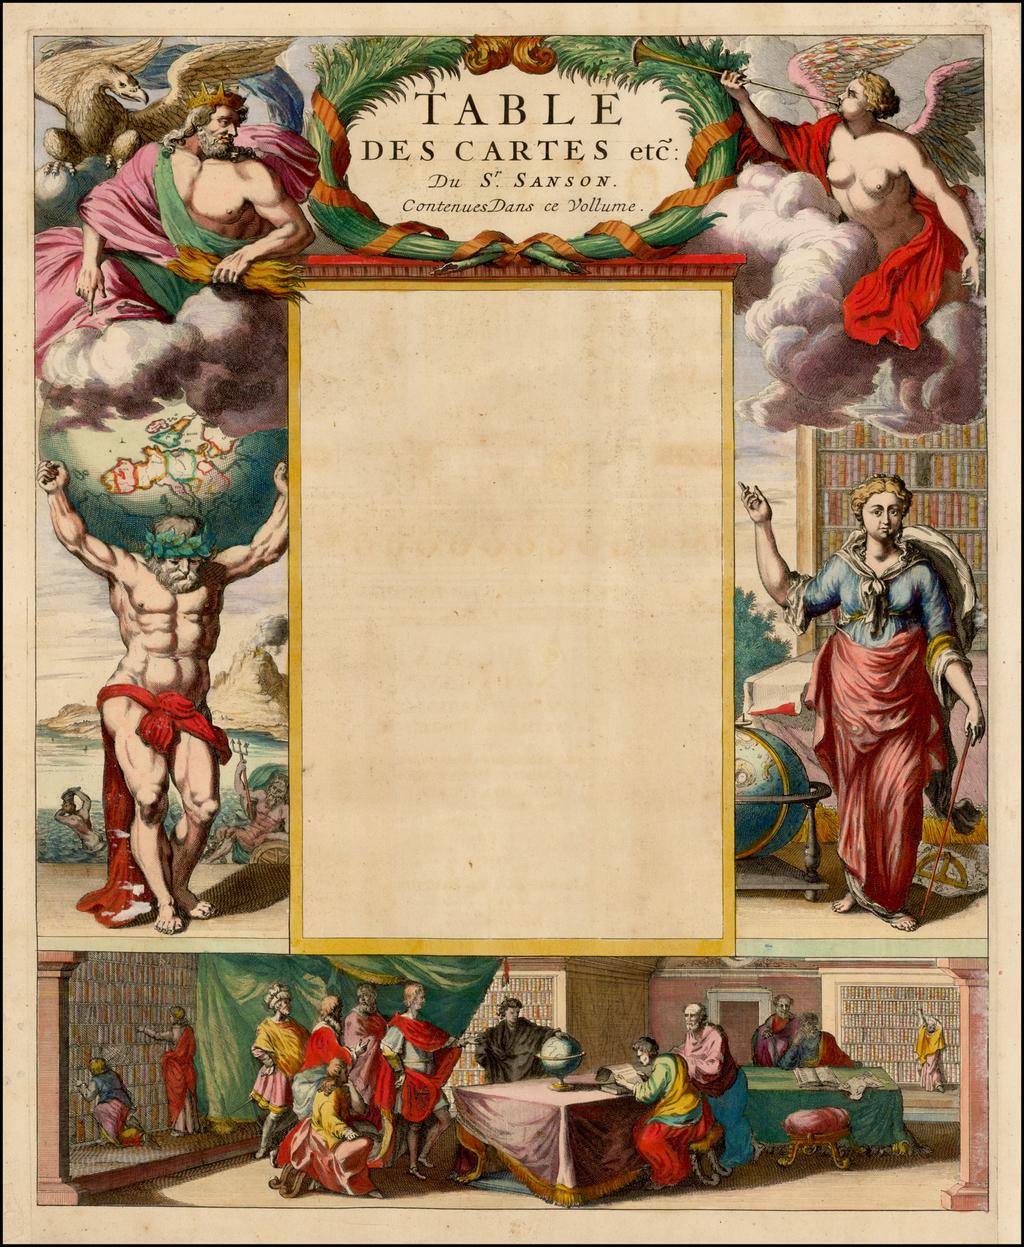 [Title Page] Table des Cartes etc: Du Sr. Sanson Contenues Dans ce Vollume By Pieter Mortier